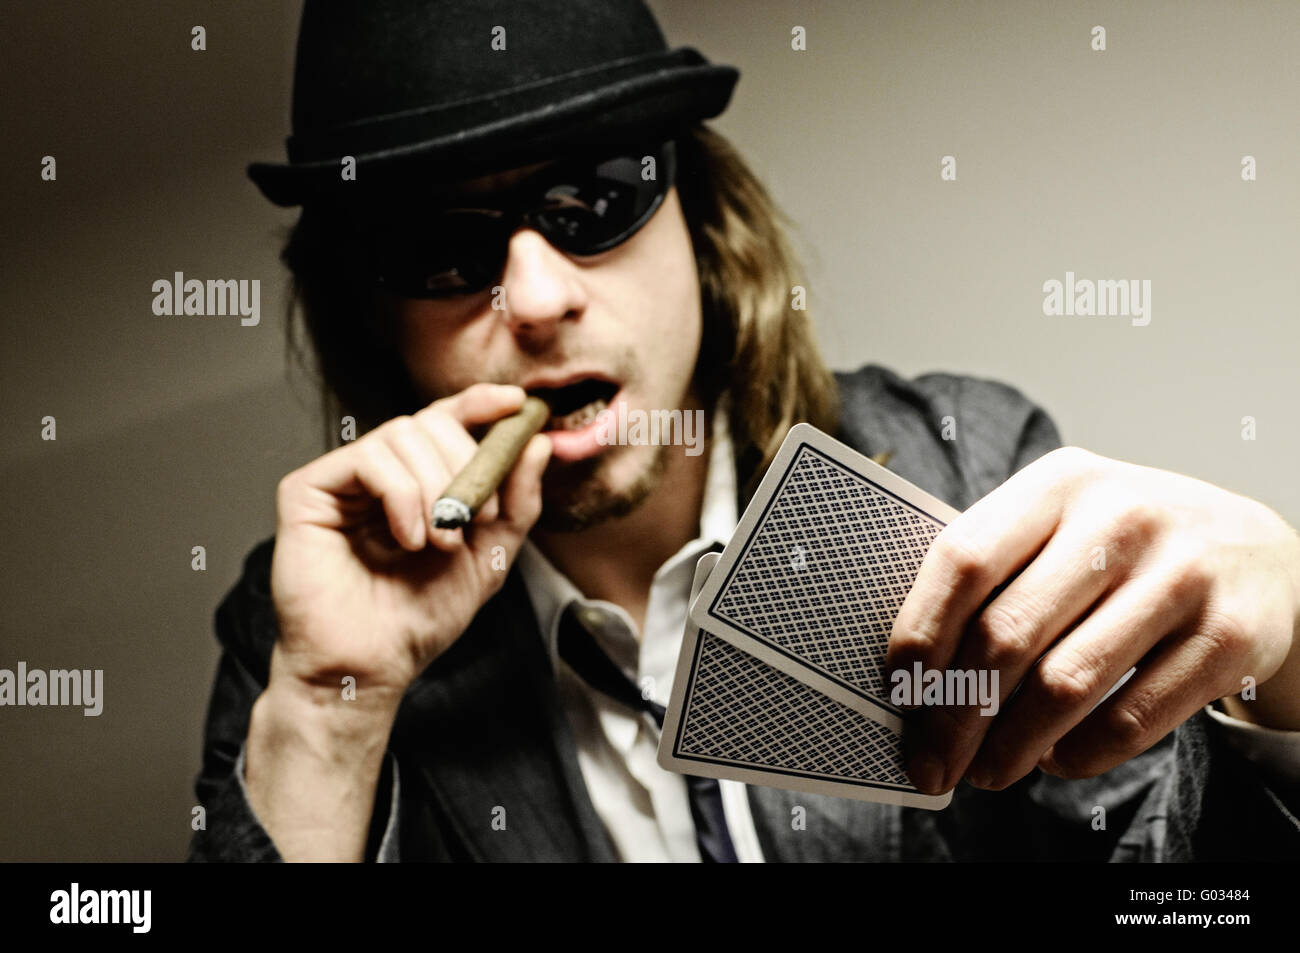 Poker game - Stock Image